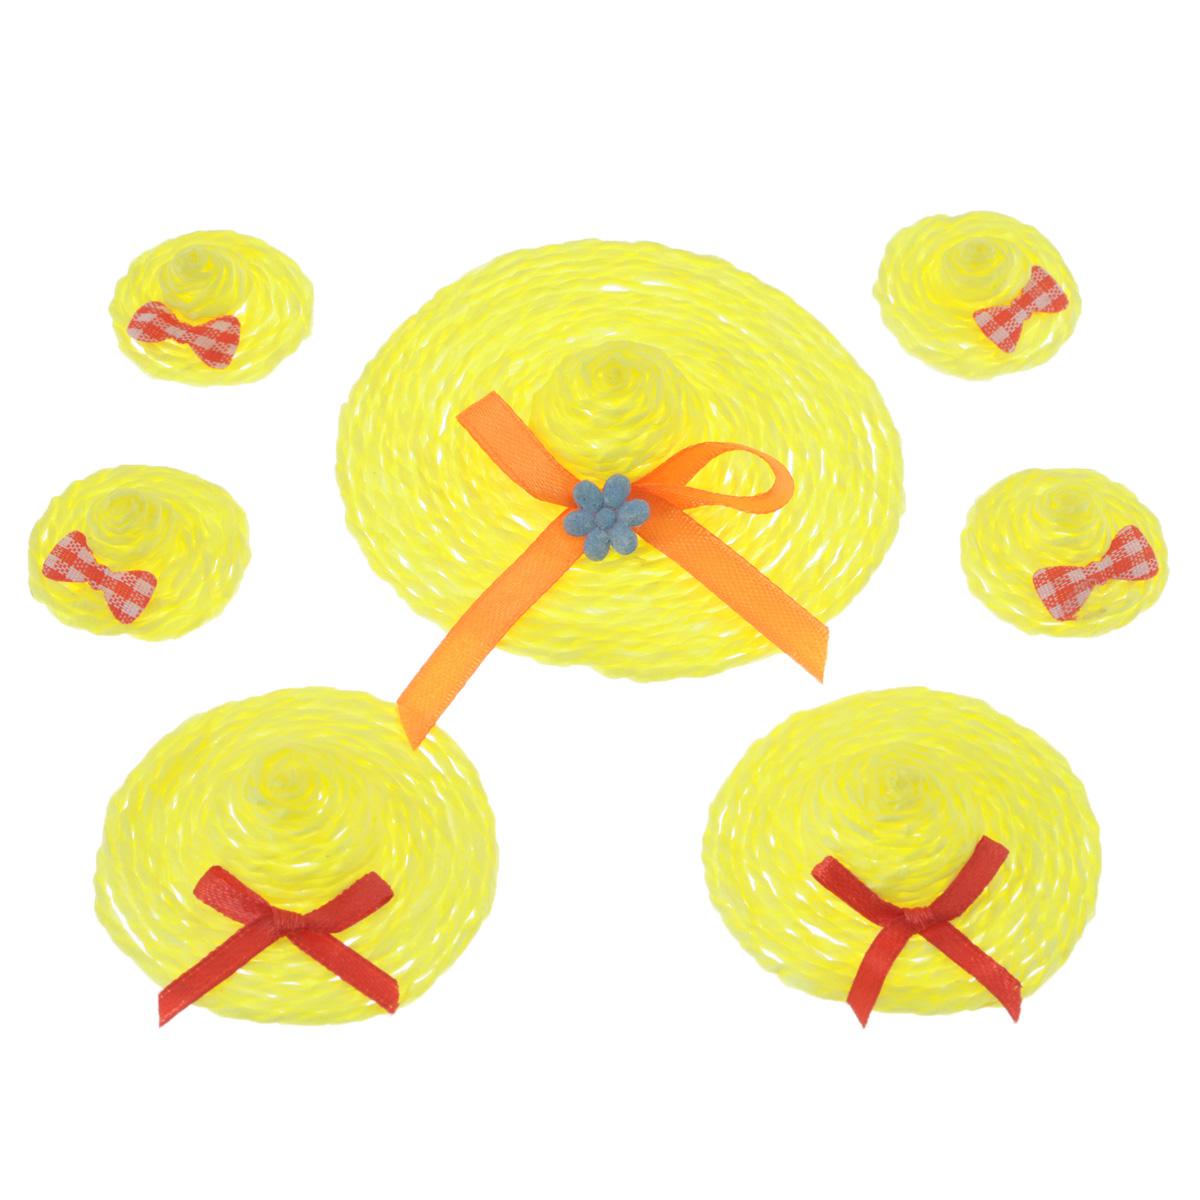 Набор декоративных украшений Home Queen Шляпки, на клейкой основе, цвет: желтый, 7 шт66856_1Набор Home Queen Шляпки состоит из 7 декоративных элементов и предназначен для украшения яиц, посуды, стекла, керамики, металла, цветочных горшков, ваз и других предметов интерьера. Украшения изготовлены из полиэстера и бумаги в виде шляпок разного размера и фиксируются при помощи специальной клейкой основы. Такой набор украшений создаст атмосферу праздника в вашем доме. Размер большой фигурки: 7 см х 7 см х 2 см. Размер средней фигурки: 4,5 см х 4,5 см х 1,7 см. Размер маленькой фигурки: 2,5 см х 2,5 см х 1,5 см.